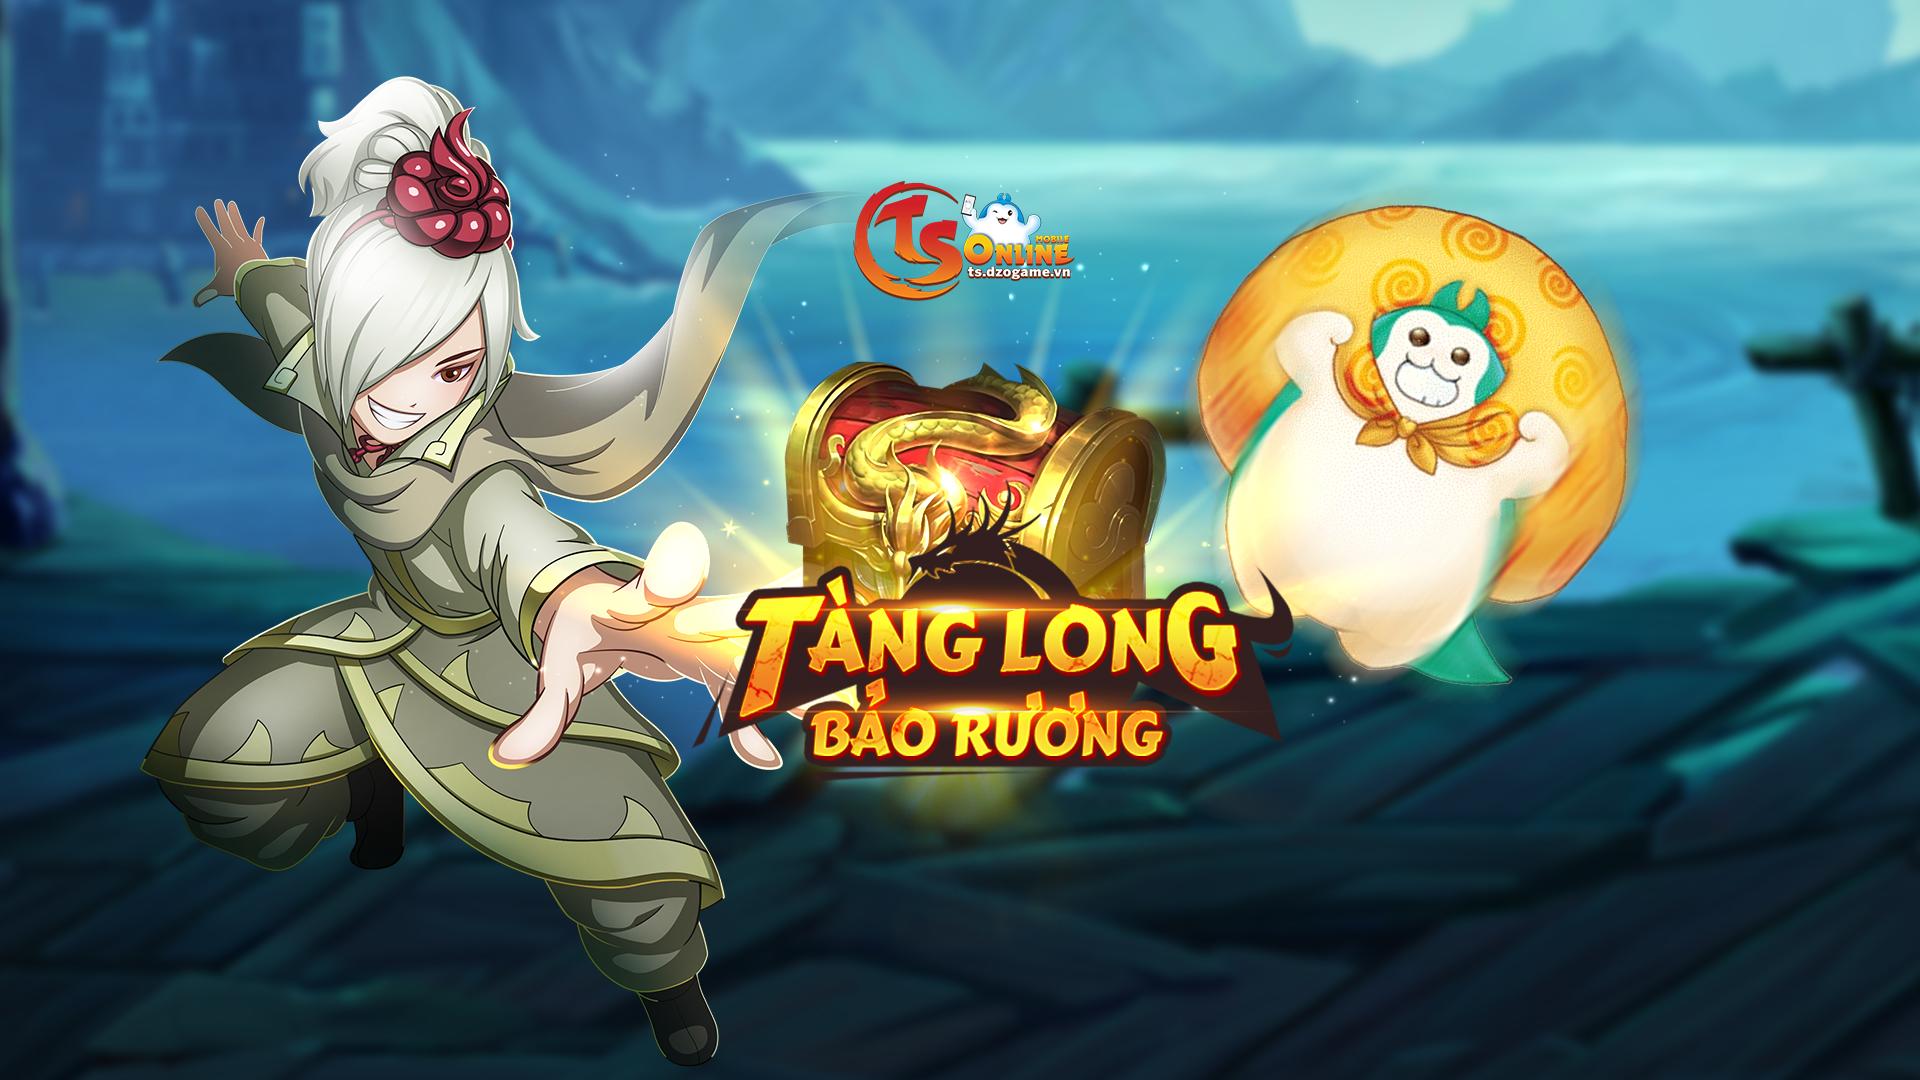 Rương Tàng Long